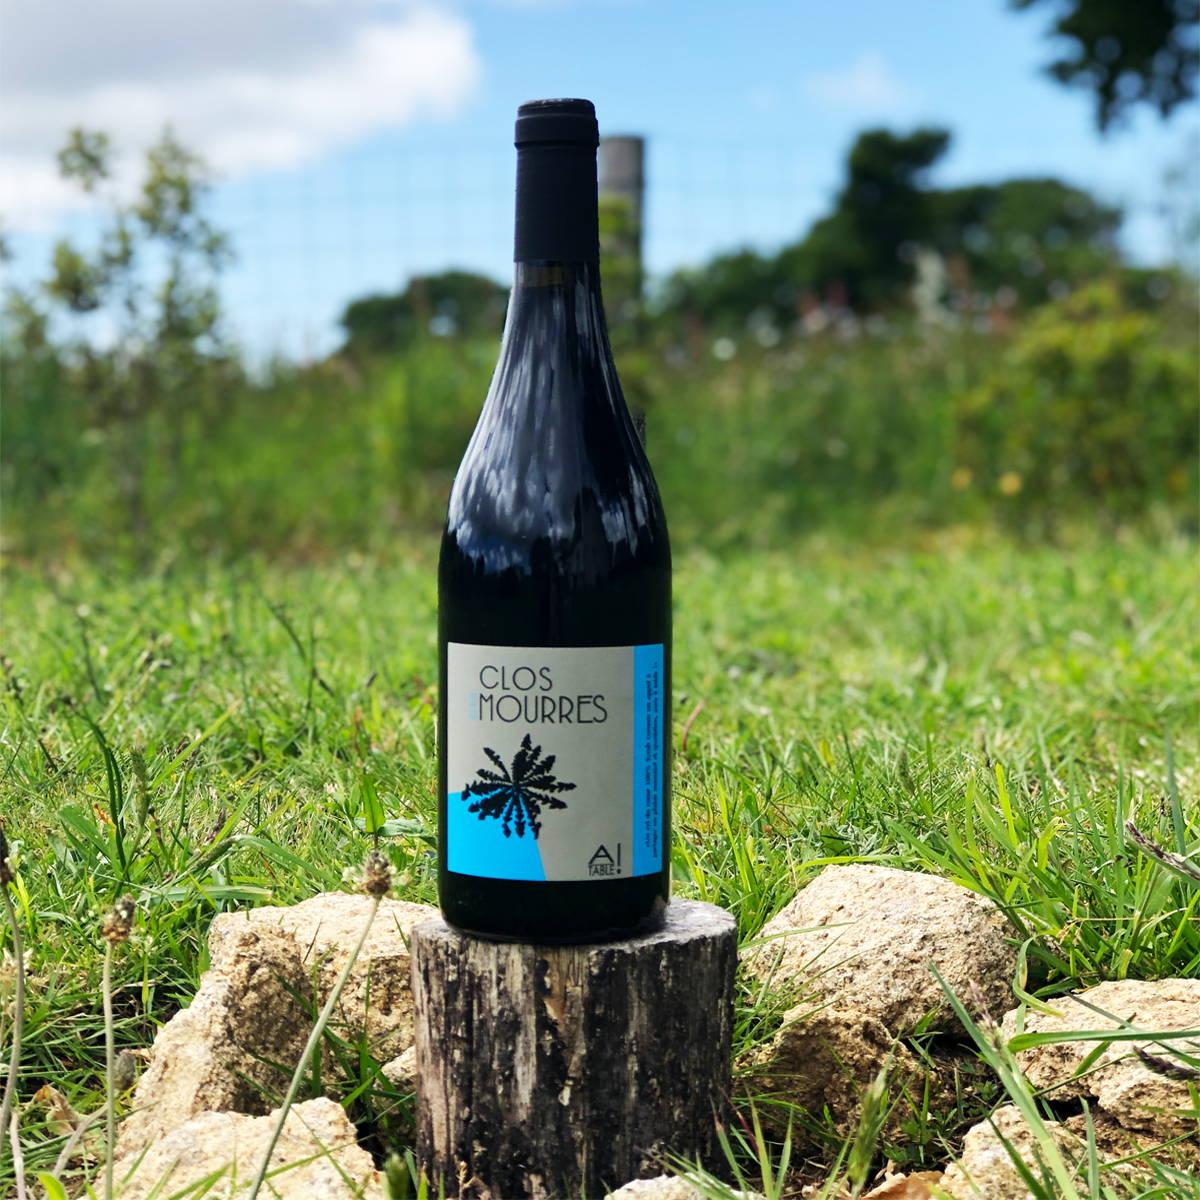 france, vin nature, rawwine, organic wine, vin bio, vin sans intrants, bistro brute, vin rouge, vin blanc, rouge, blanc, nature, vin propre, vigneron, vigneron indépendant, domaine bio, biodynamie, vigneron nature , a table rouge, clos des mourres